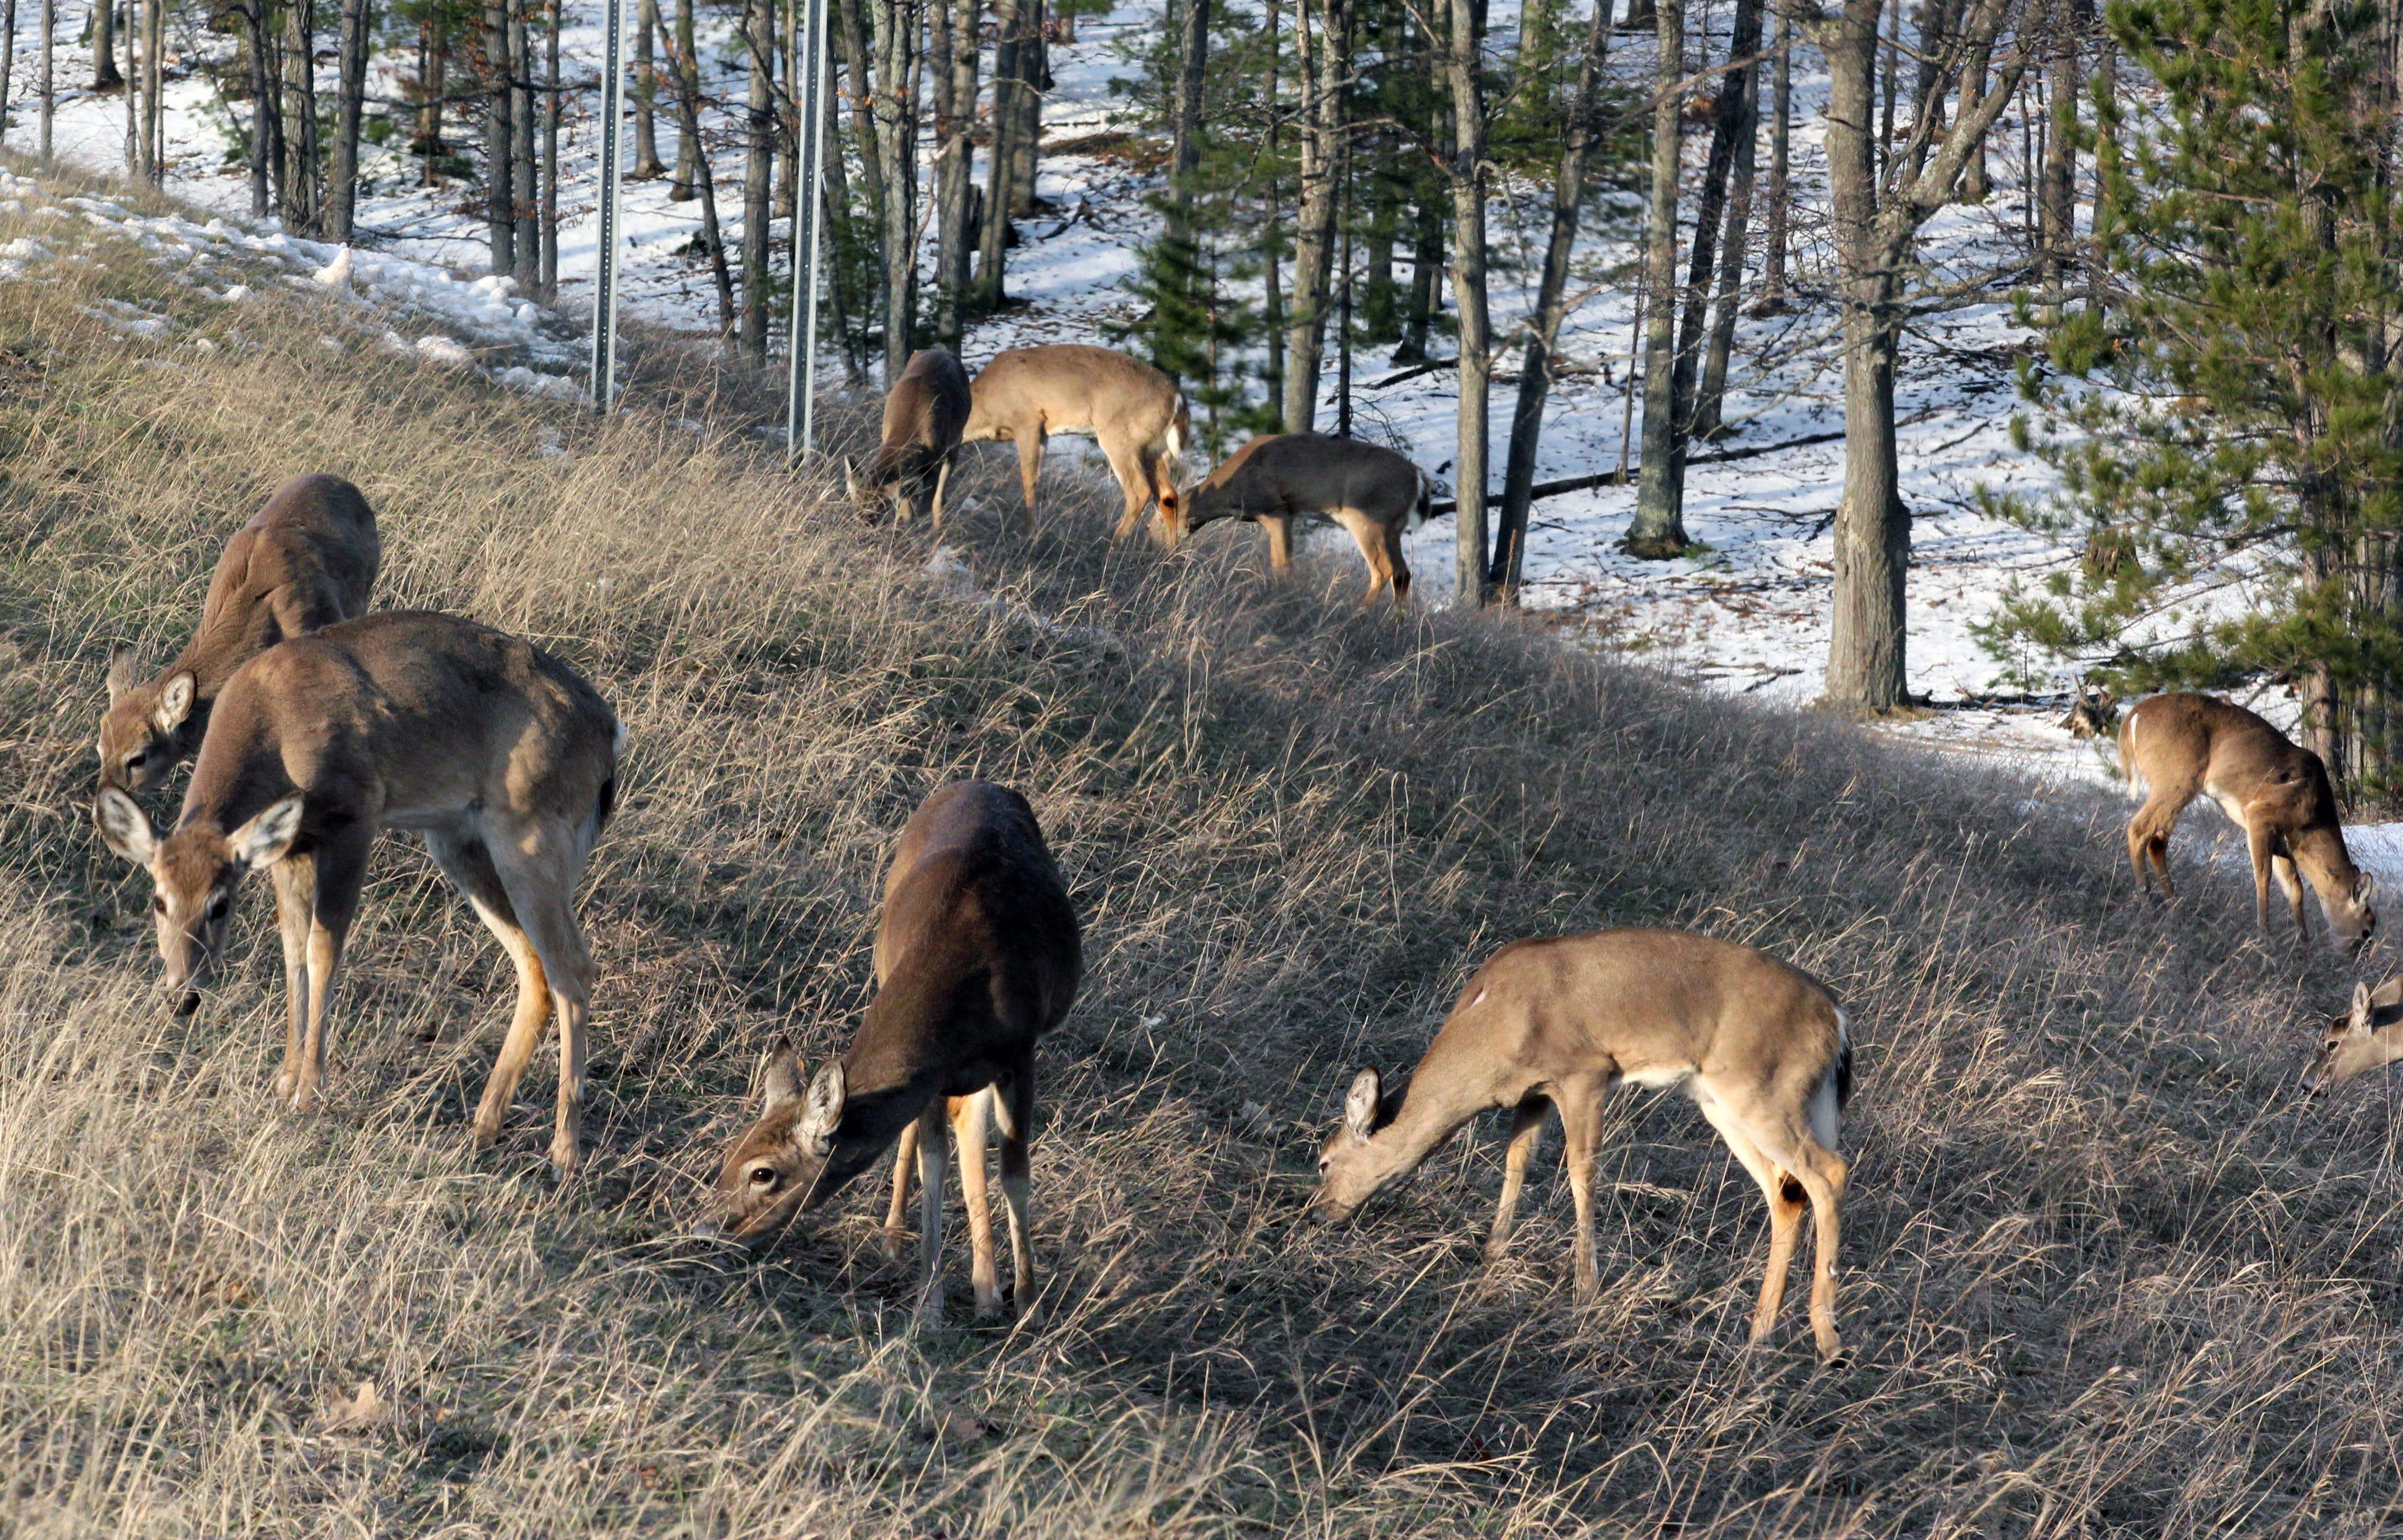 Michigan deer hunters should watch for bovine tuberculosis